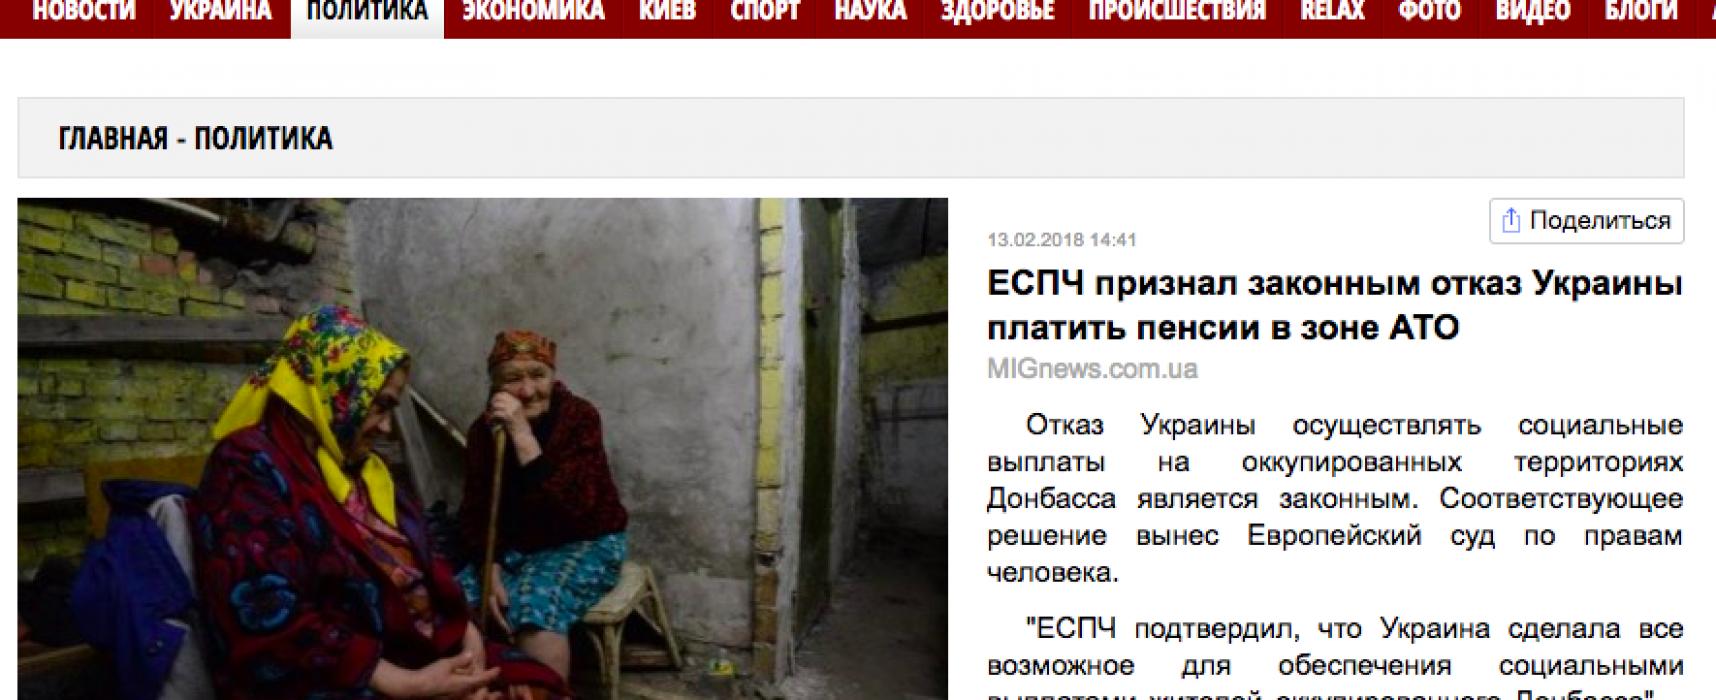 Фейк: Європа залишила Донбас без пенсій